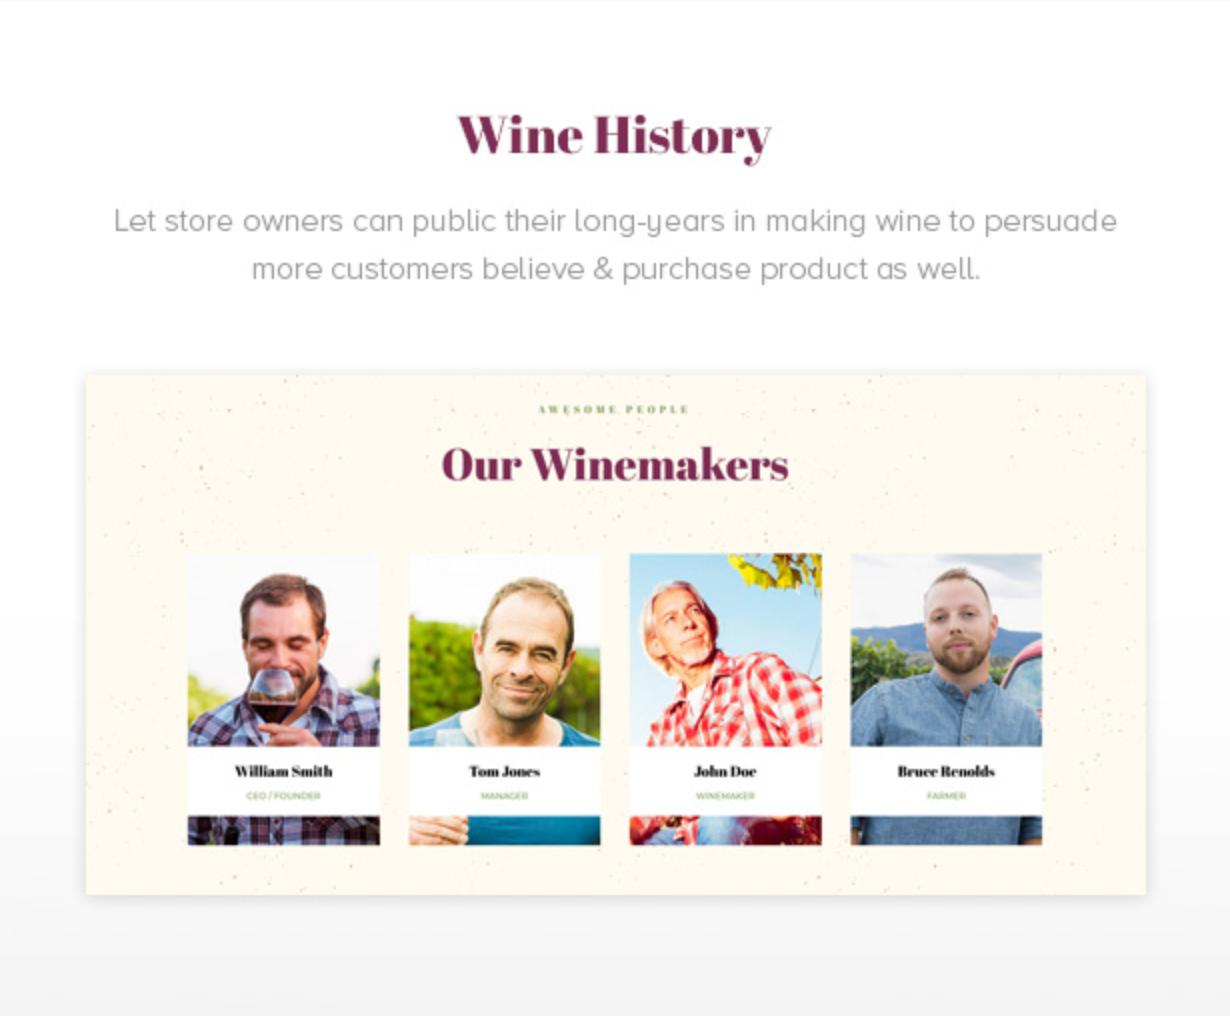 Royanwine Wine History für Vinyard, Weingut, Winzer, Milchviehbetrieb